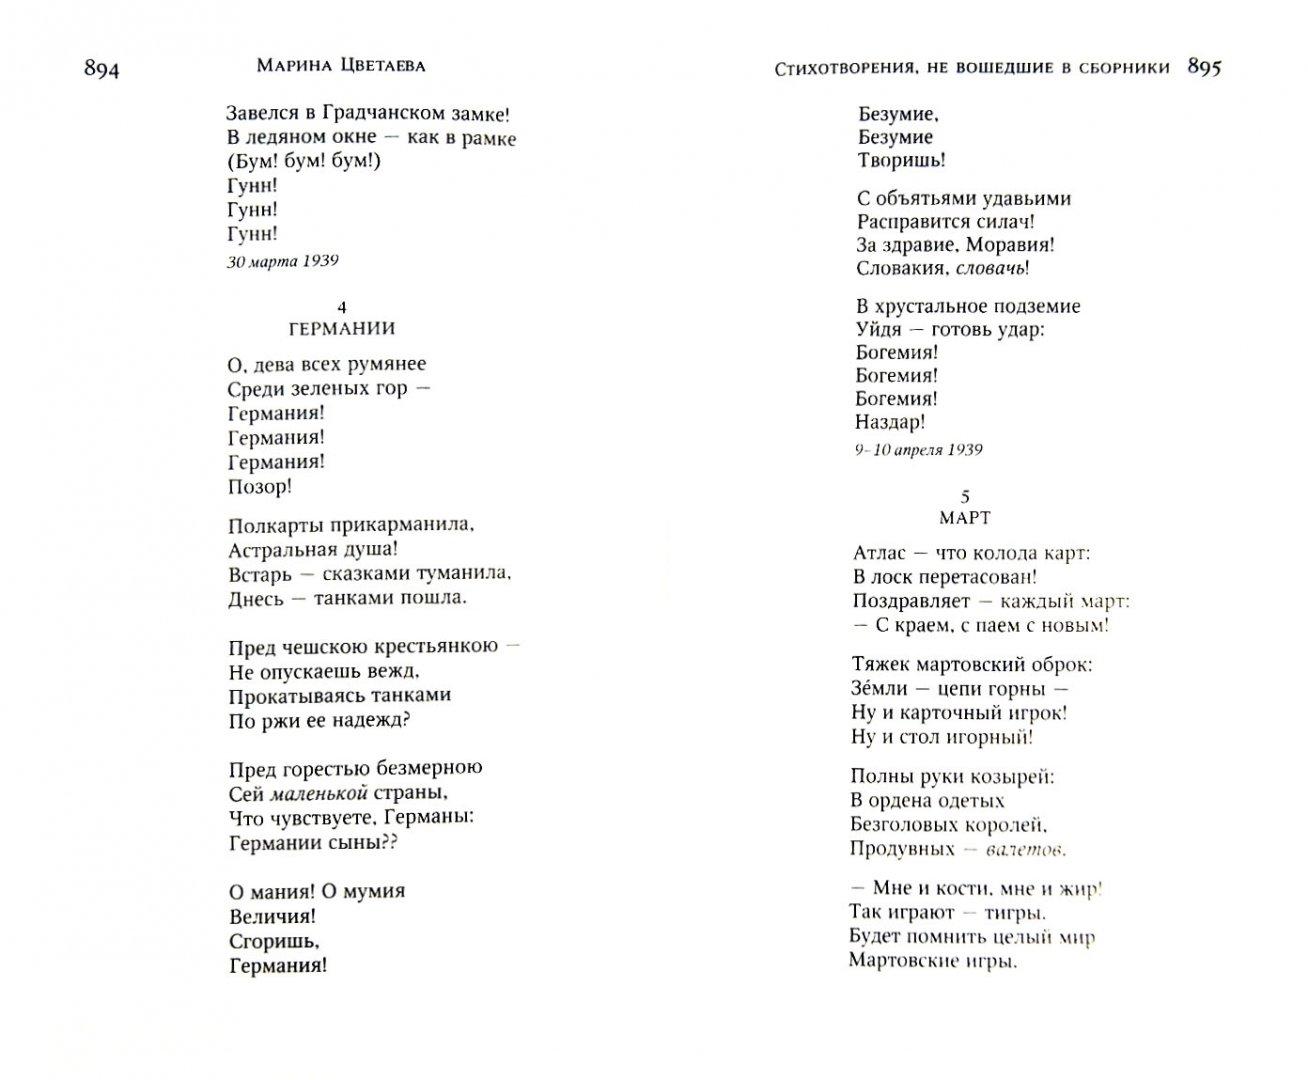 Иллюстрация 1 из 17 для Волшебный фонарь. Стихотворения и поэмы - Марина Цветаева | Лабиринт - книги. Источник: Лабиринт